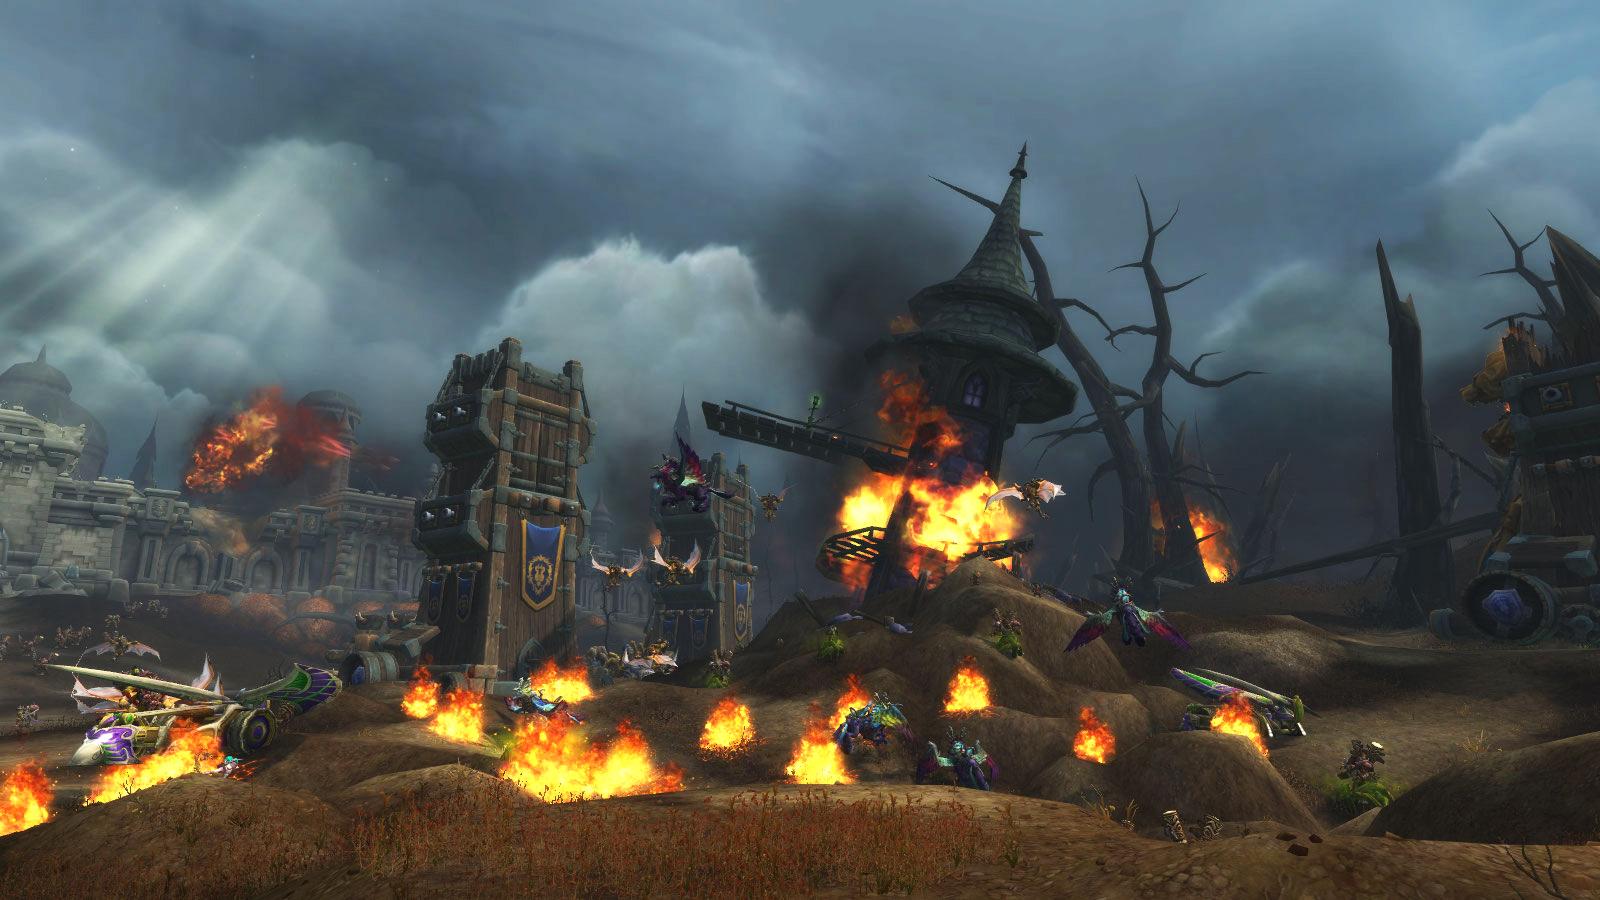 La Bataille de Lordaeron est la réponse de l'Alliance à l'Incendie de Teldrassil